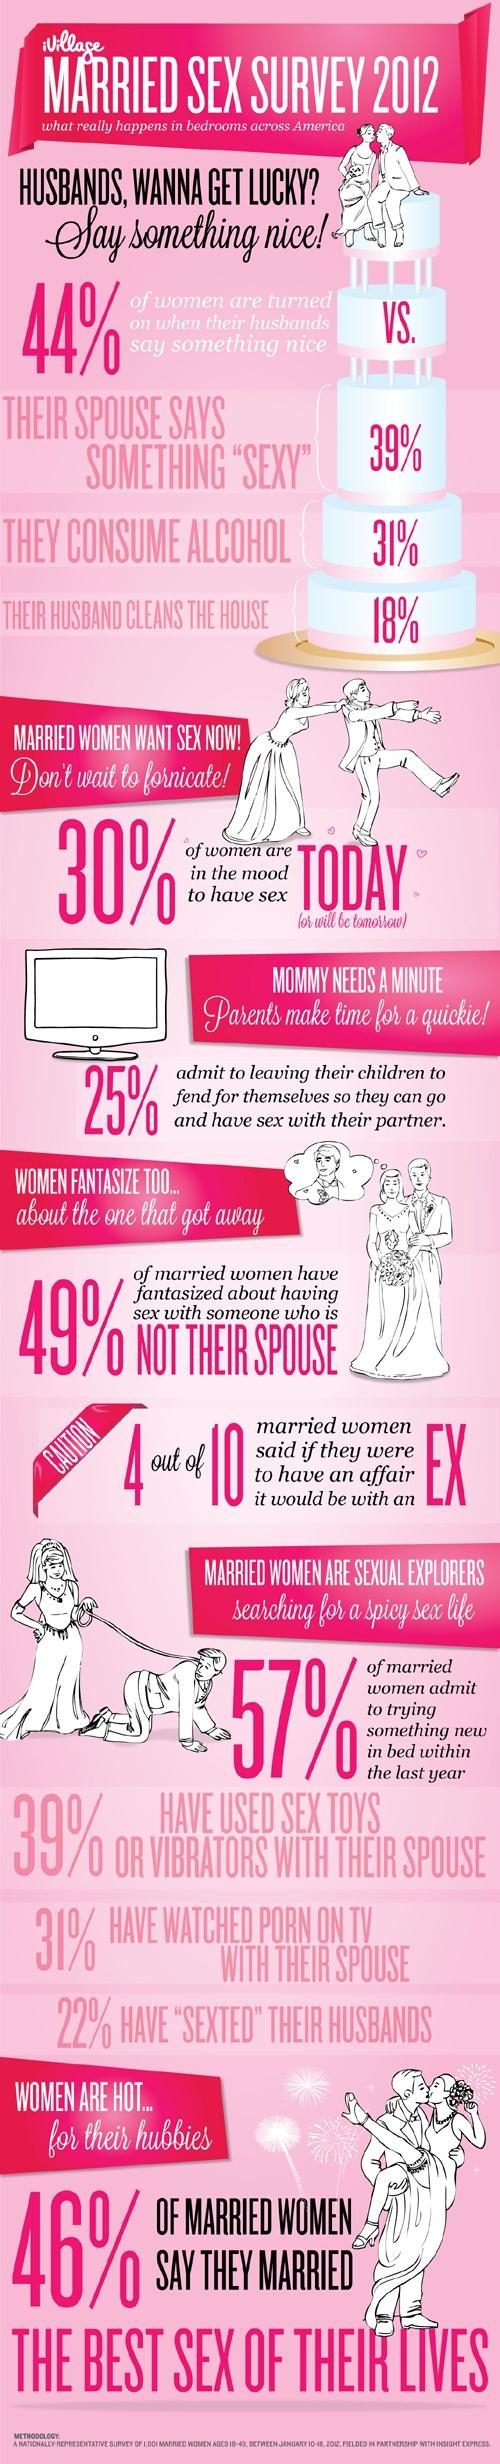 marital sex poll in Shreveport